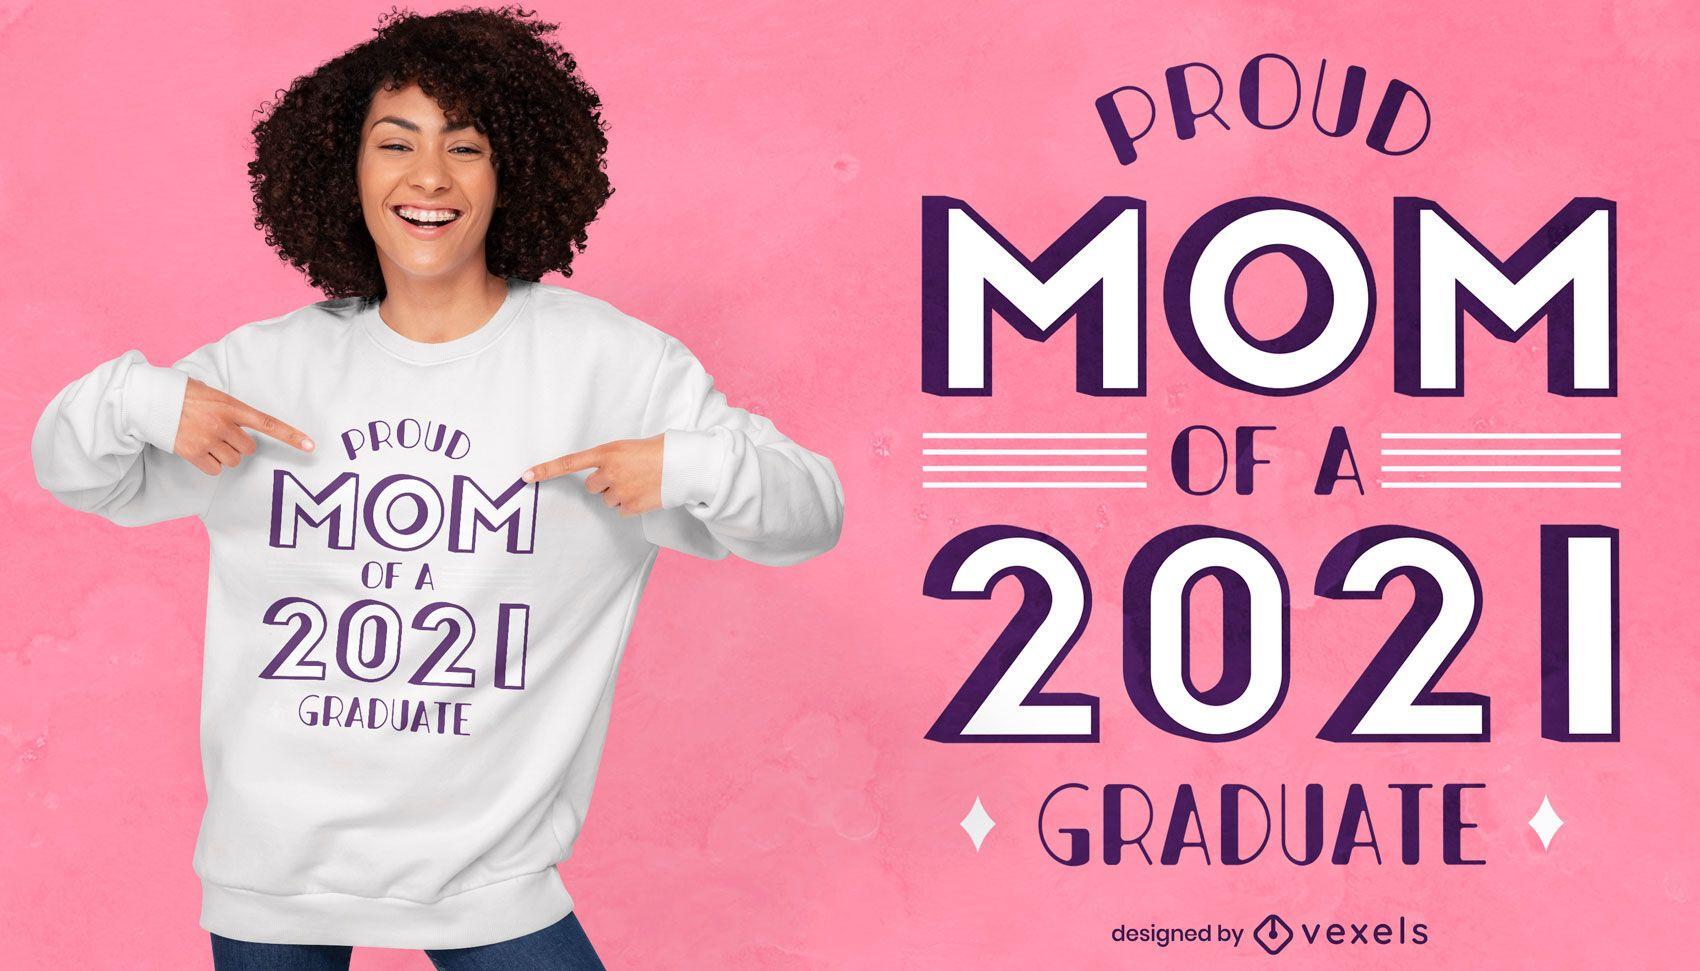 Mom of 2021 graduate t-shirt design